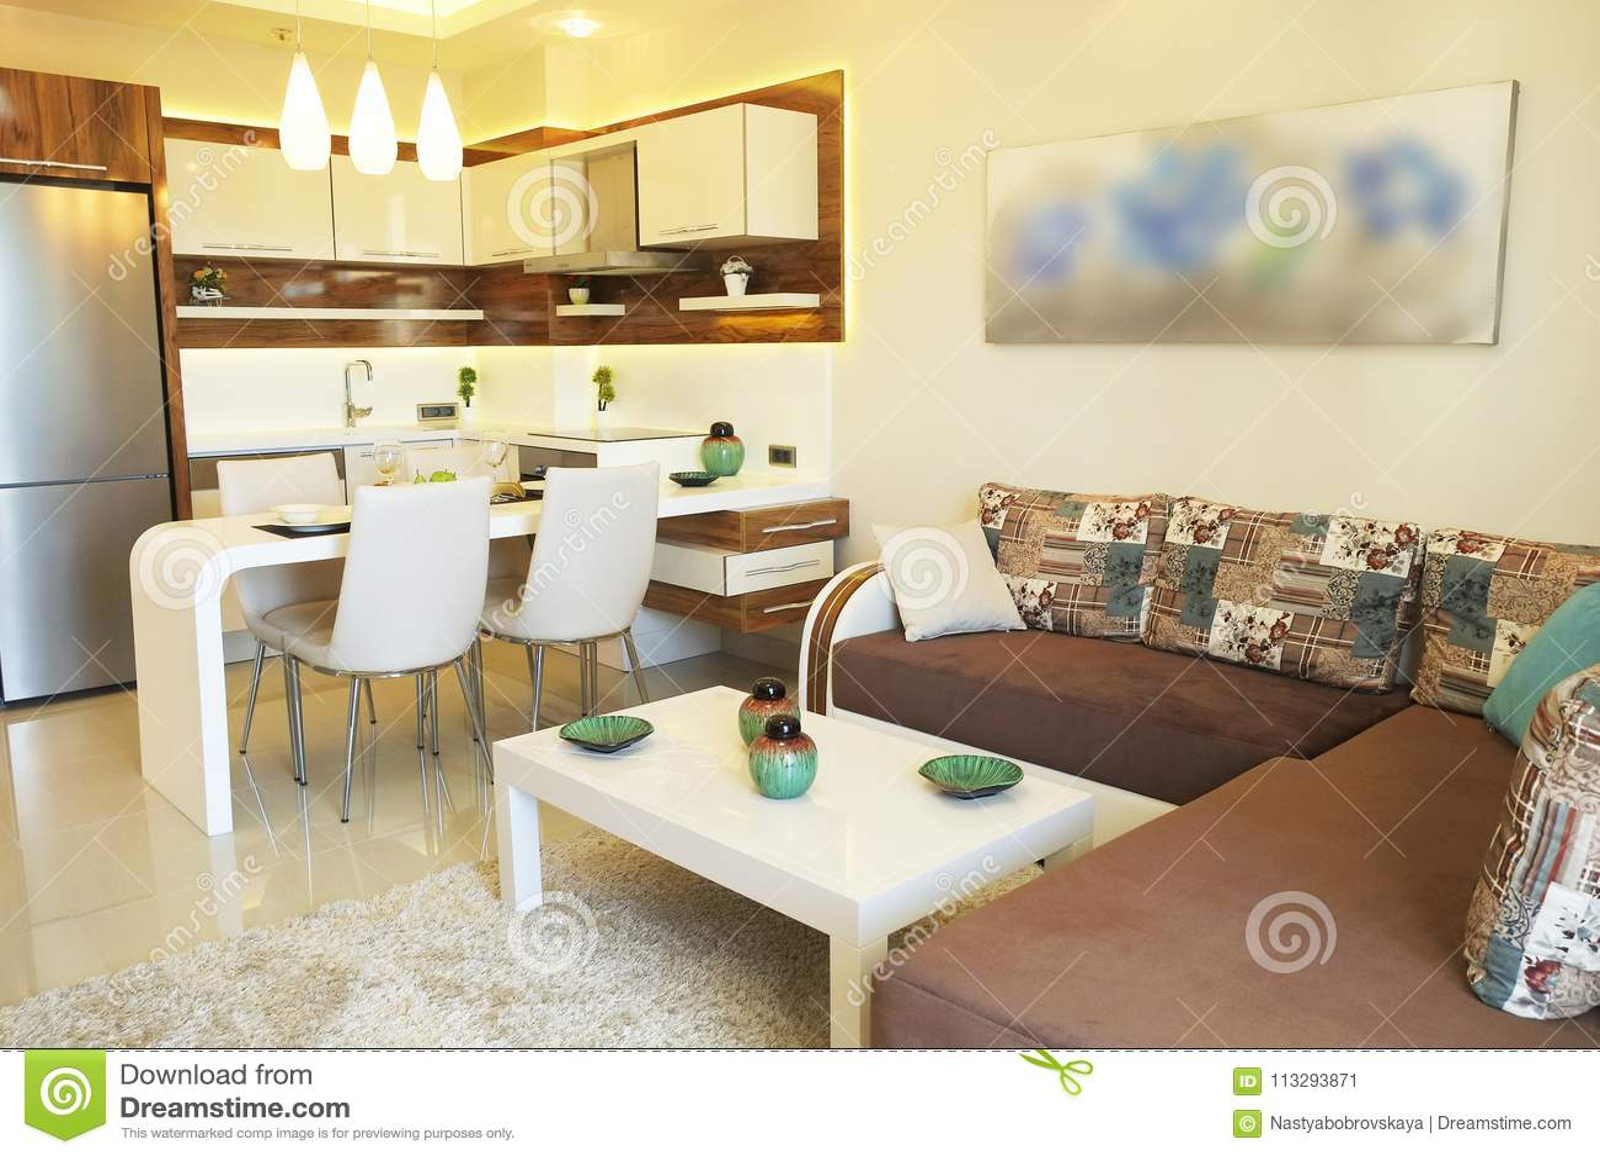 Excepcional Cocina Abierta Y Sala De Estar Modelo - Ideas de ...